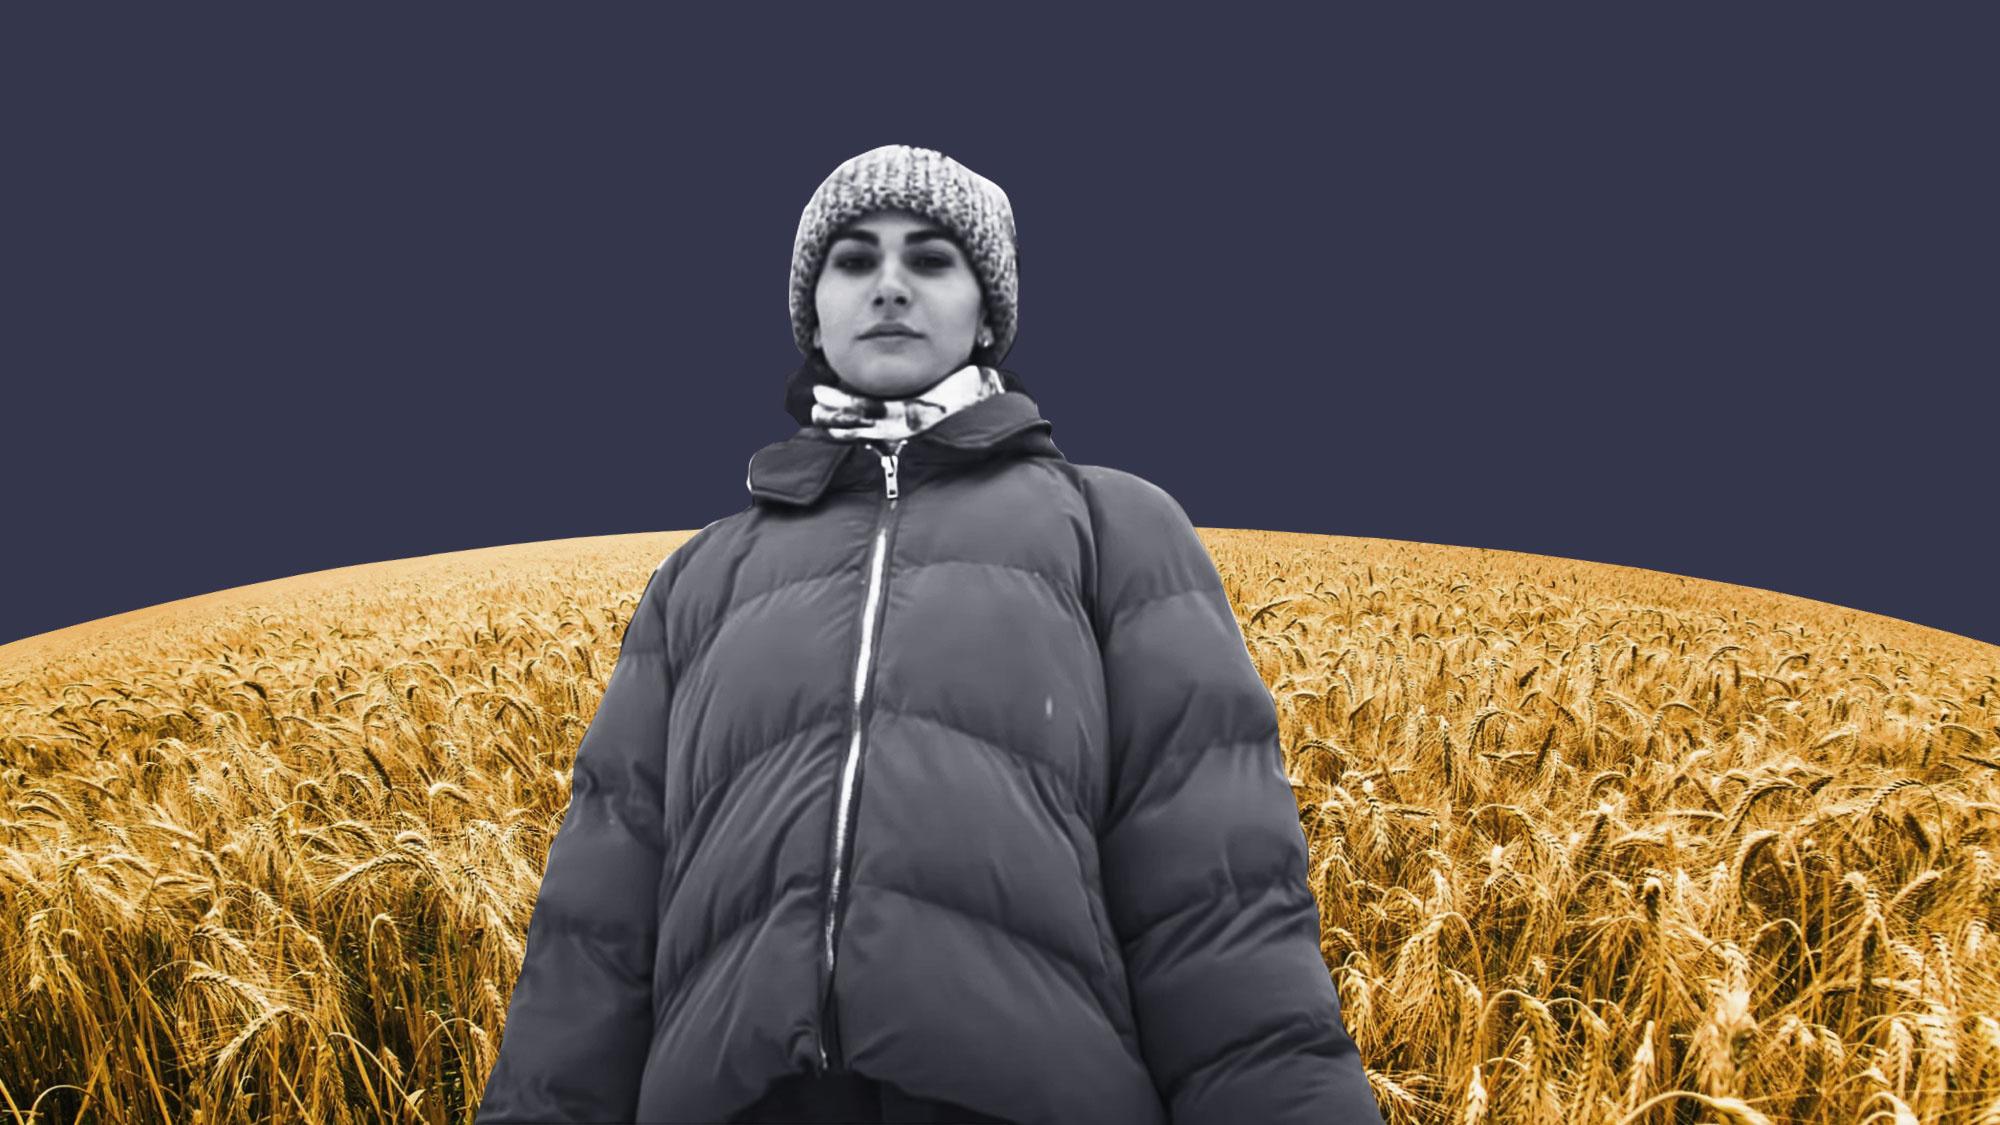 Сибирский треугольник. Девушка-трансгендер хранила в телефоне компромат, который мог помешать карьере полицейского